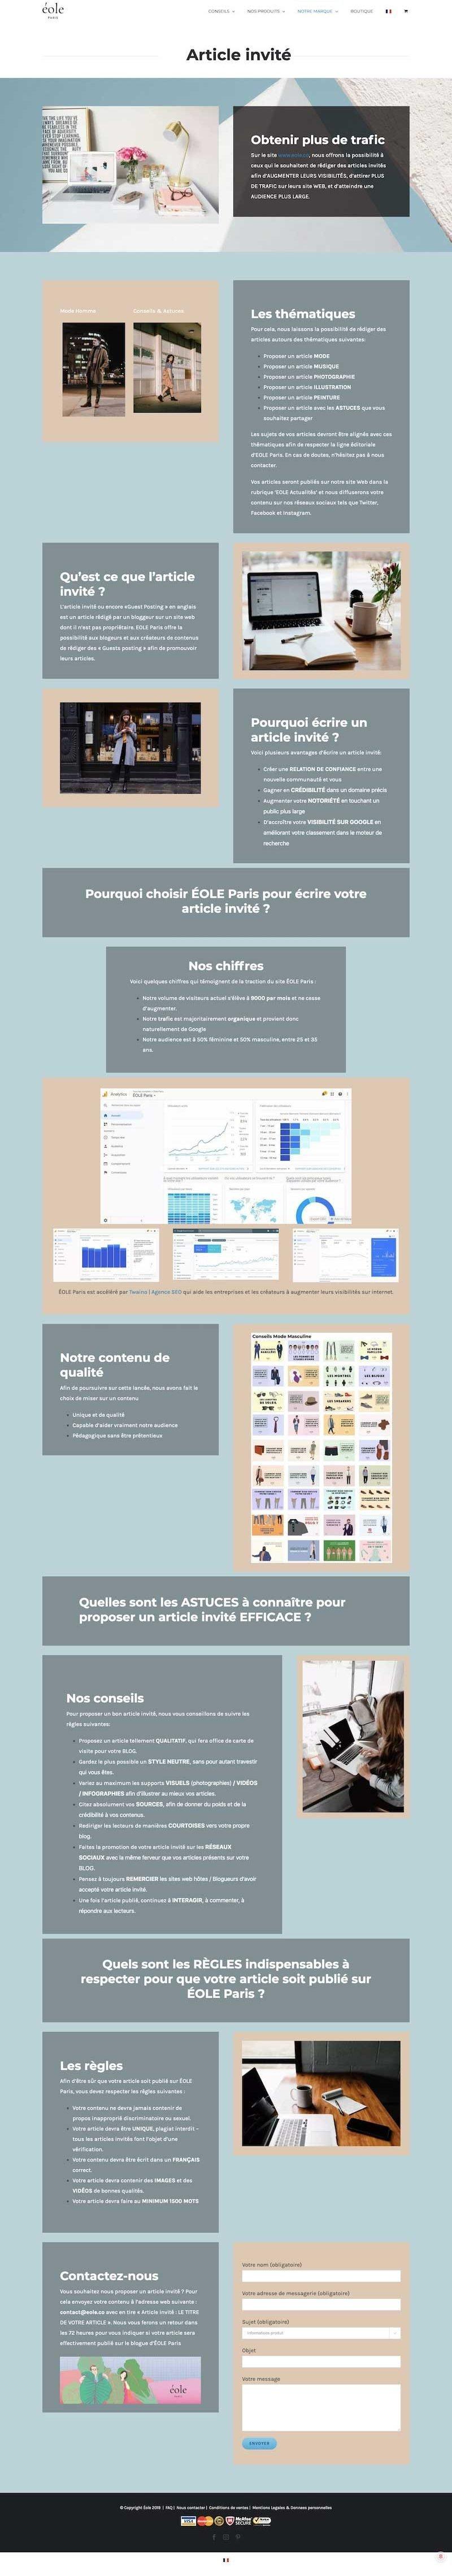 Page-article-invite-exemple-EOLE-PARIS